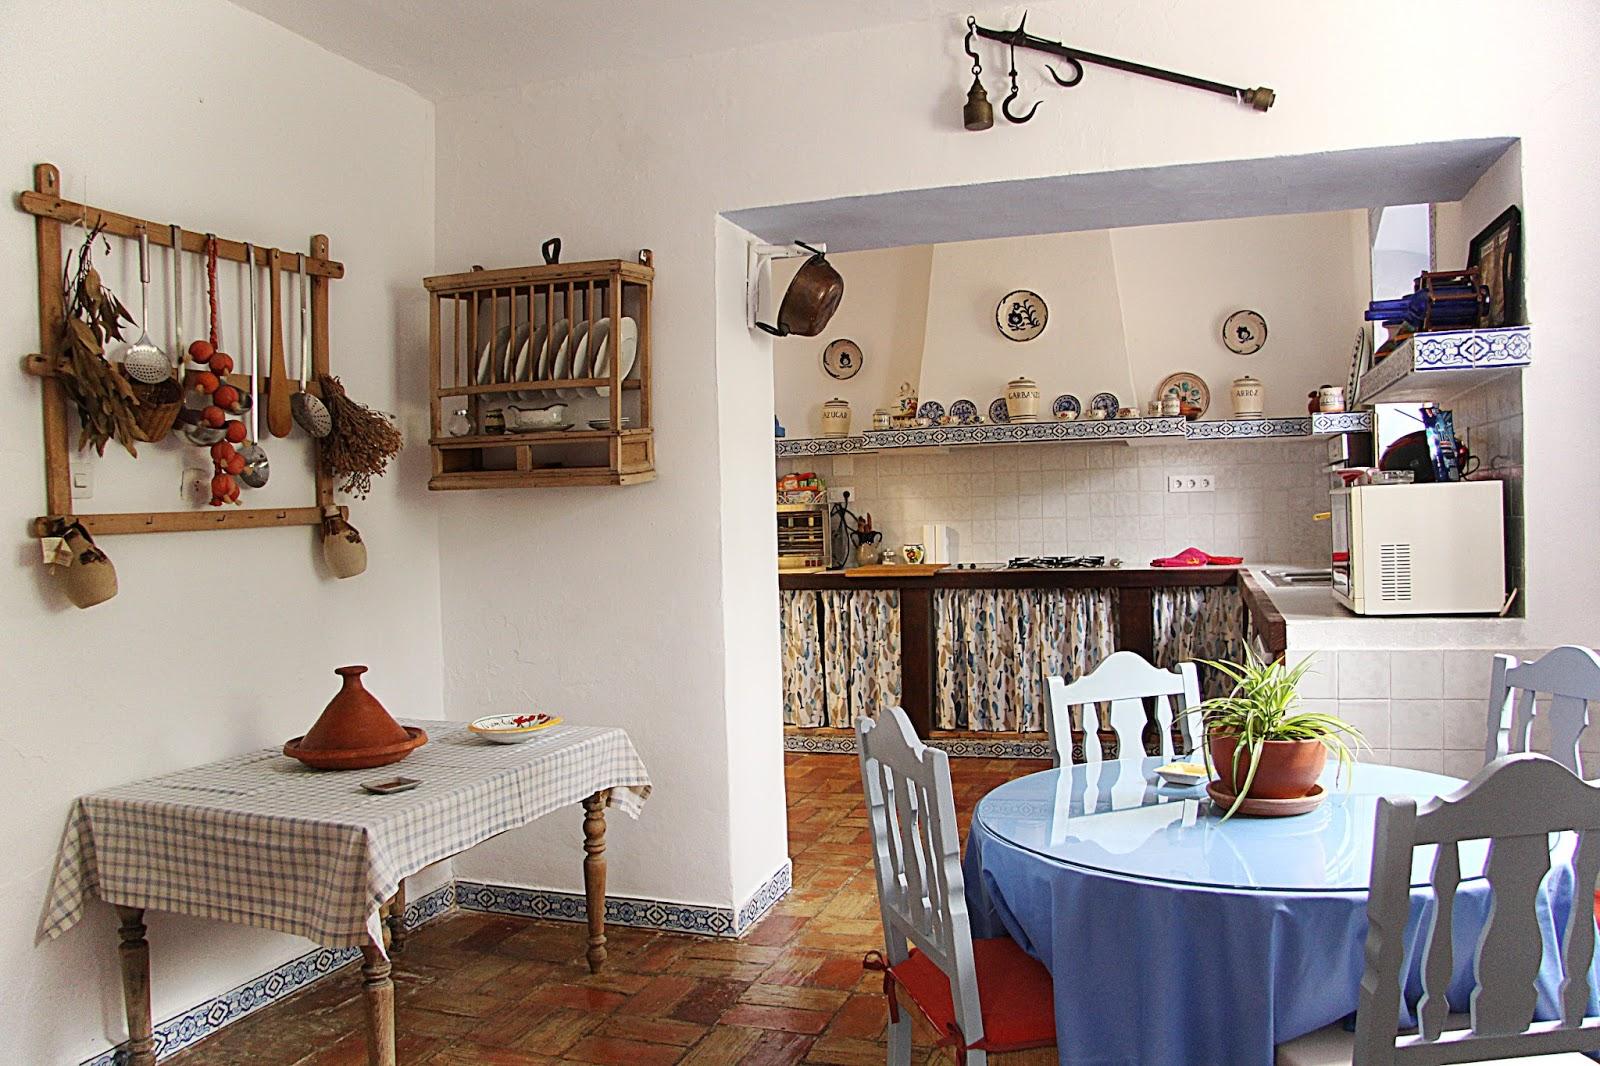 La Casa De Las Cocinas Sevilla Good Cocina With La Casa De Las  # Muebles Merkamueble Dodro